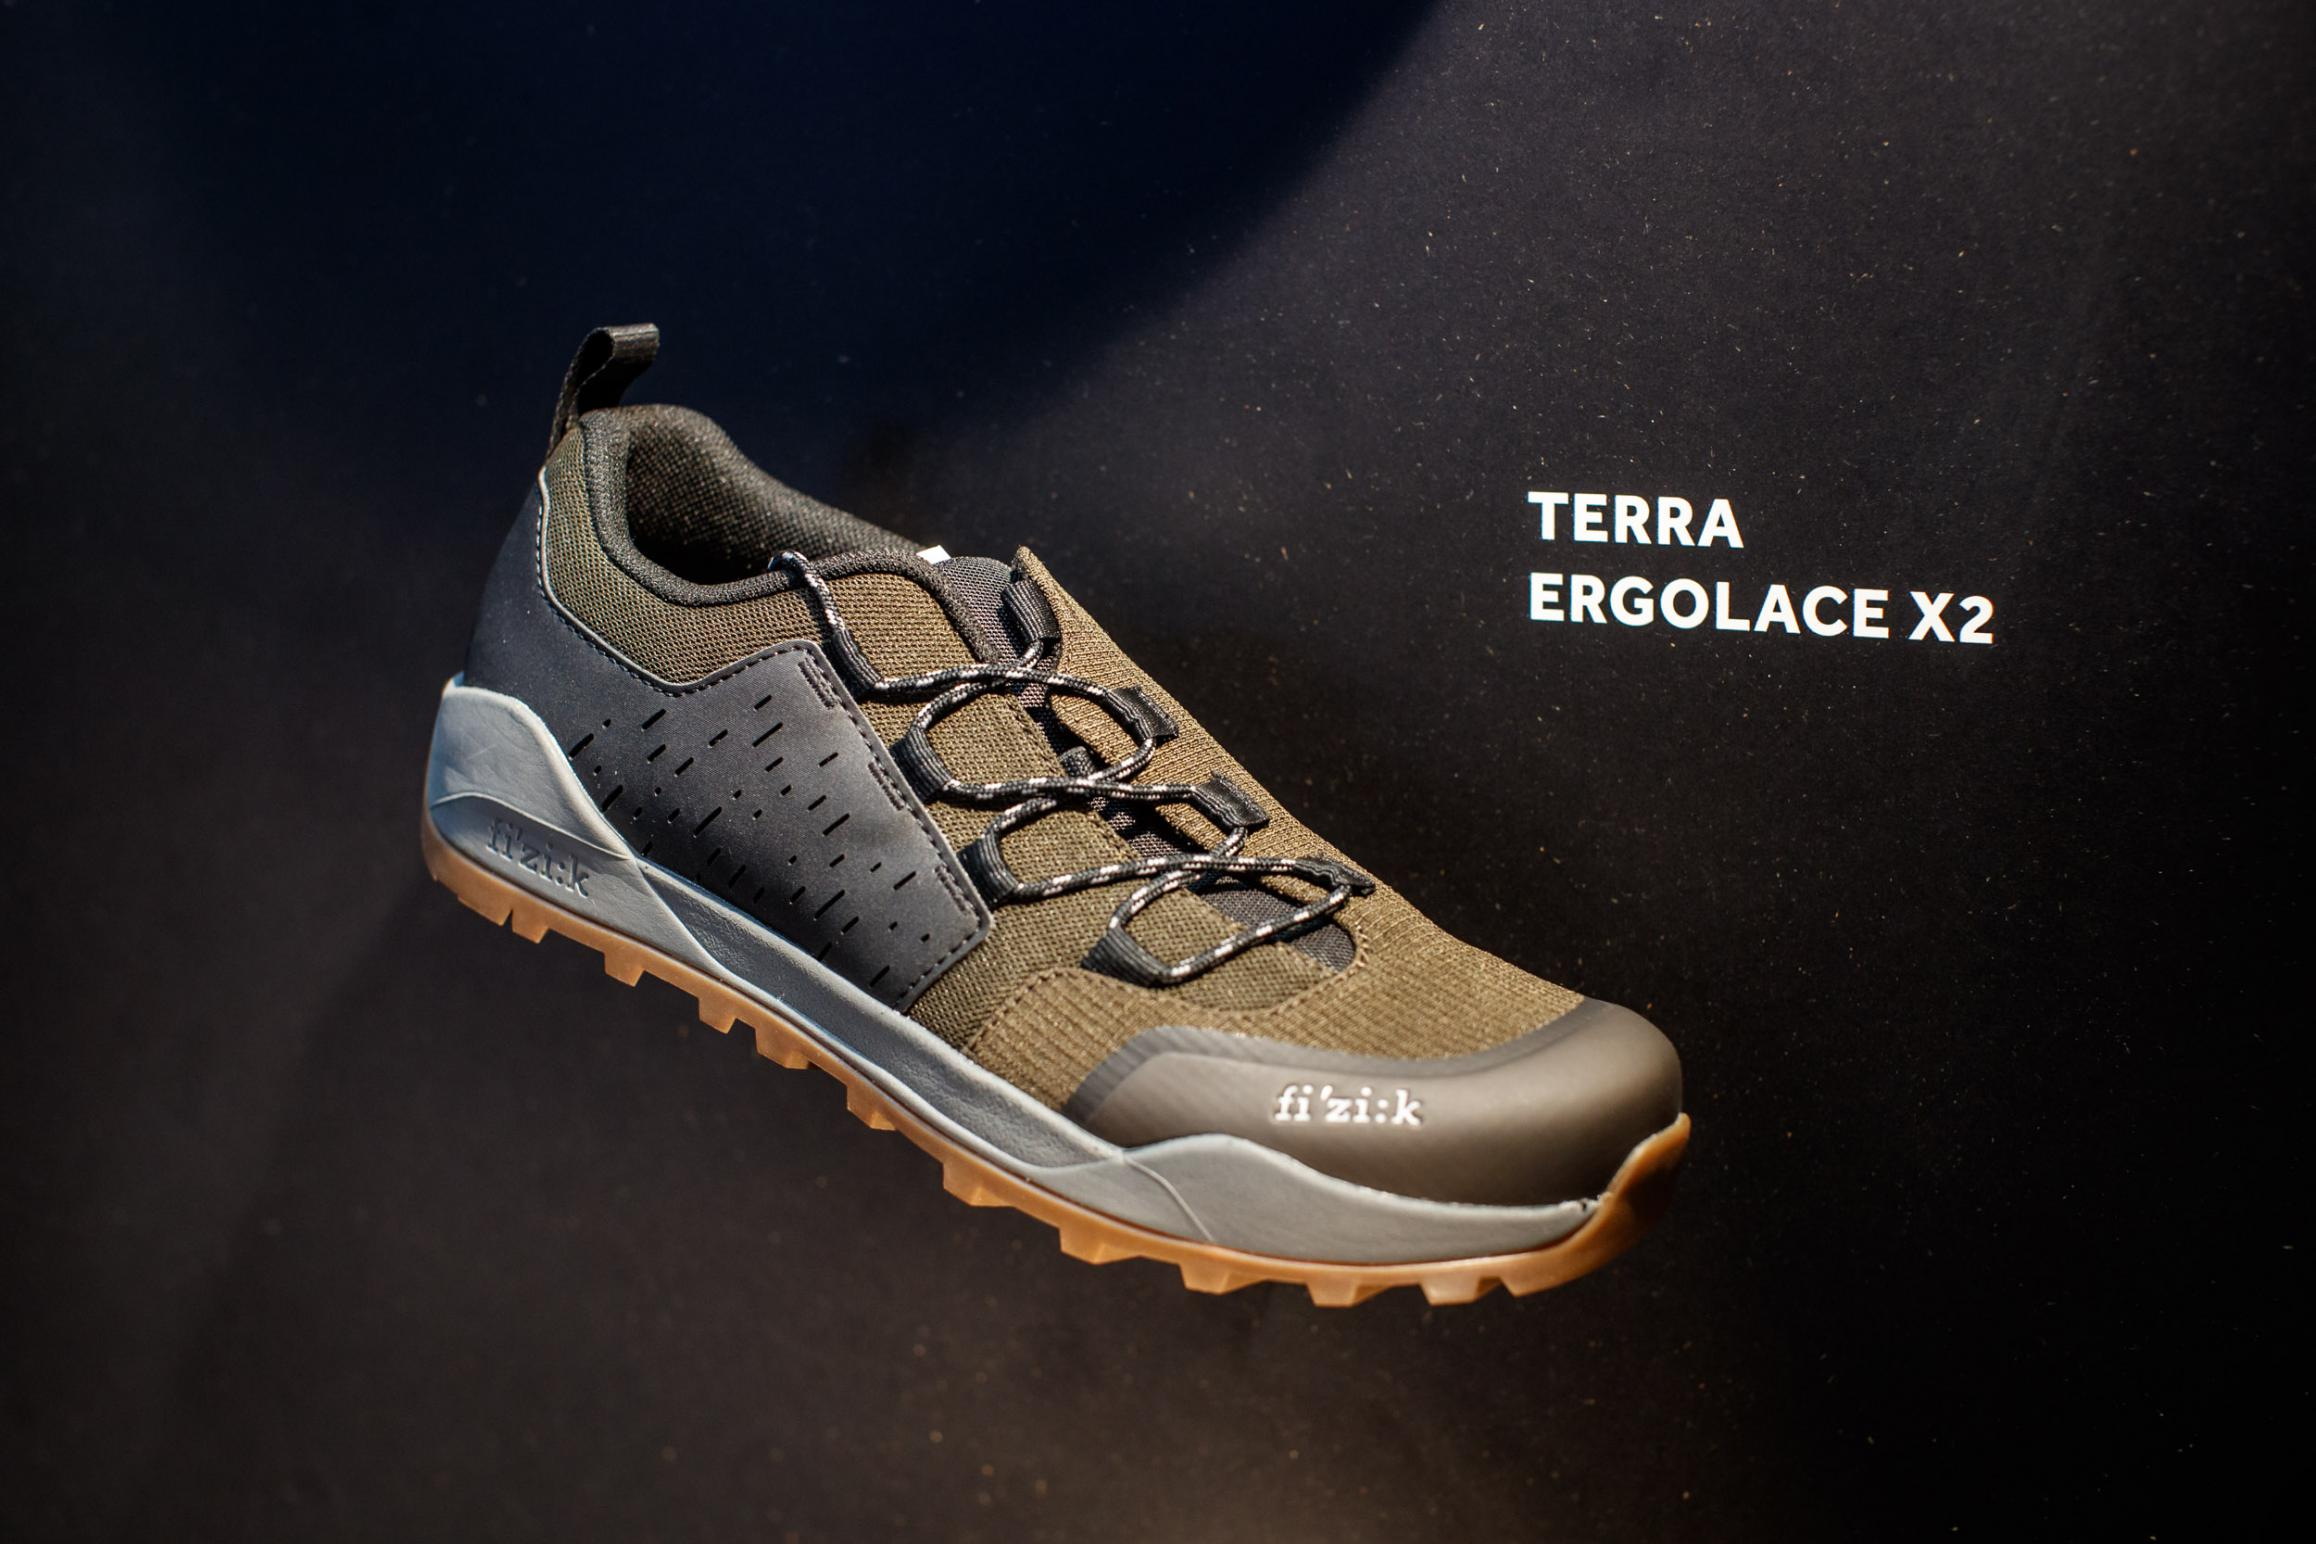 Terra Ergolace X2 Nylonsohle, 329 g (42,5), Größe 36-48, vier Farben